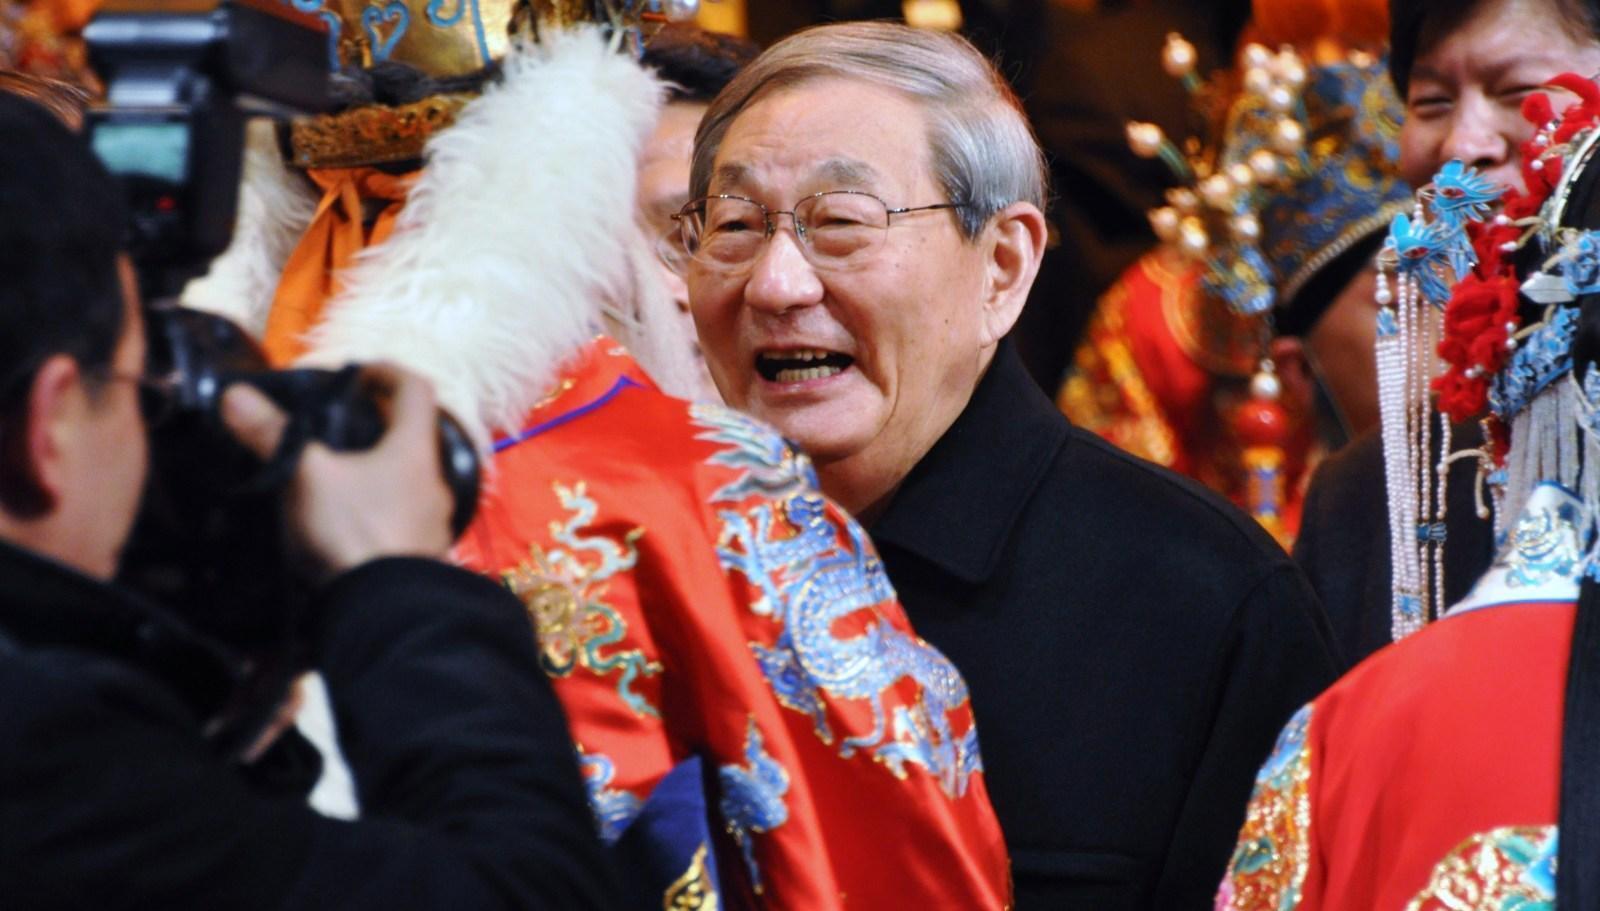 传前中国总理朱镕基曾骂令计划畜生不如